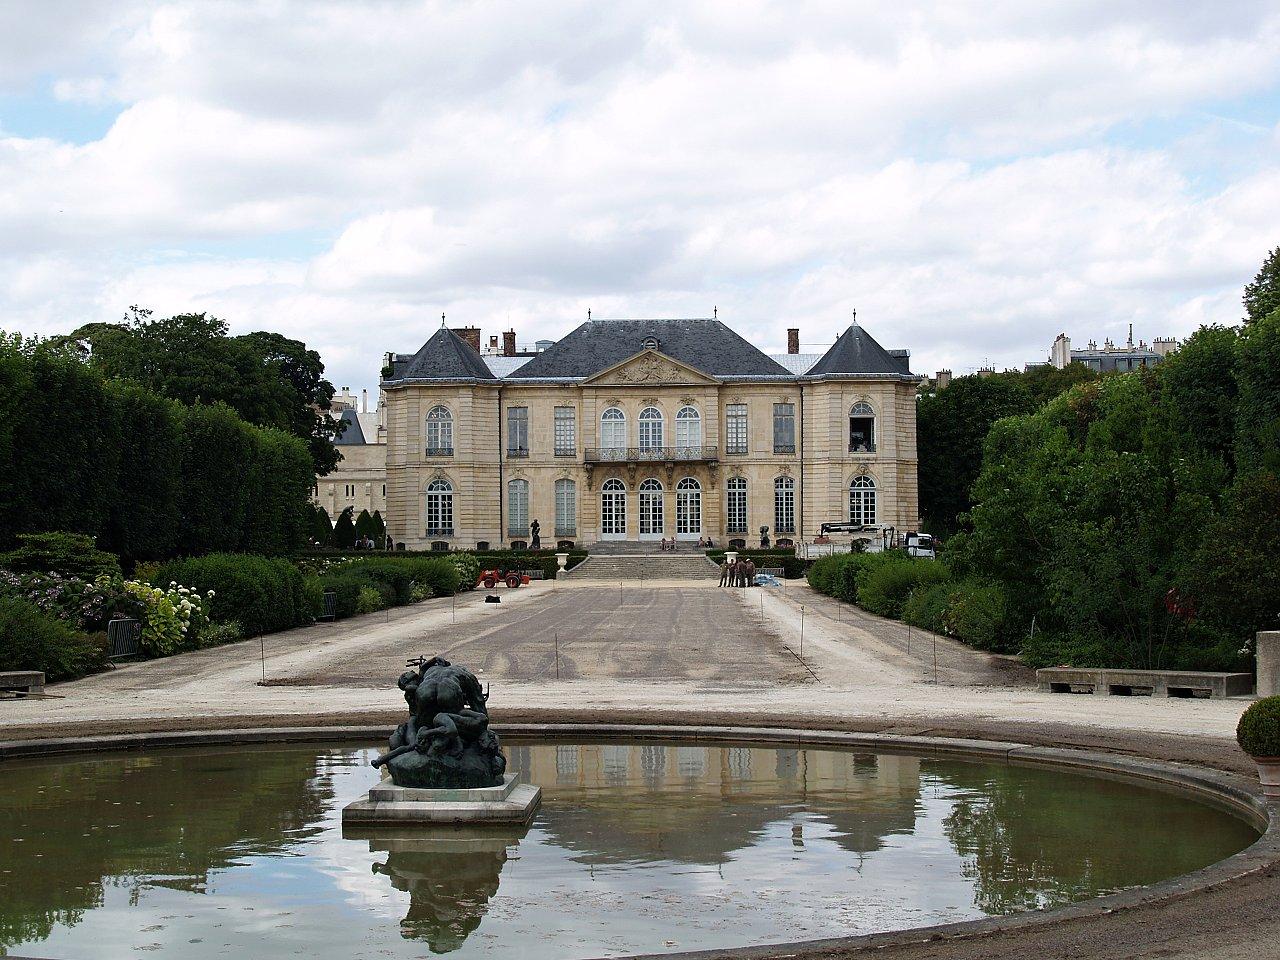 Musée Rodin, Places to visit in Paris, France